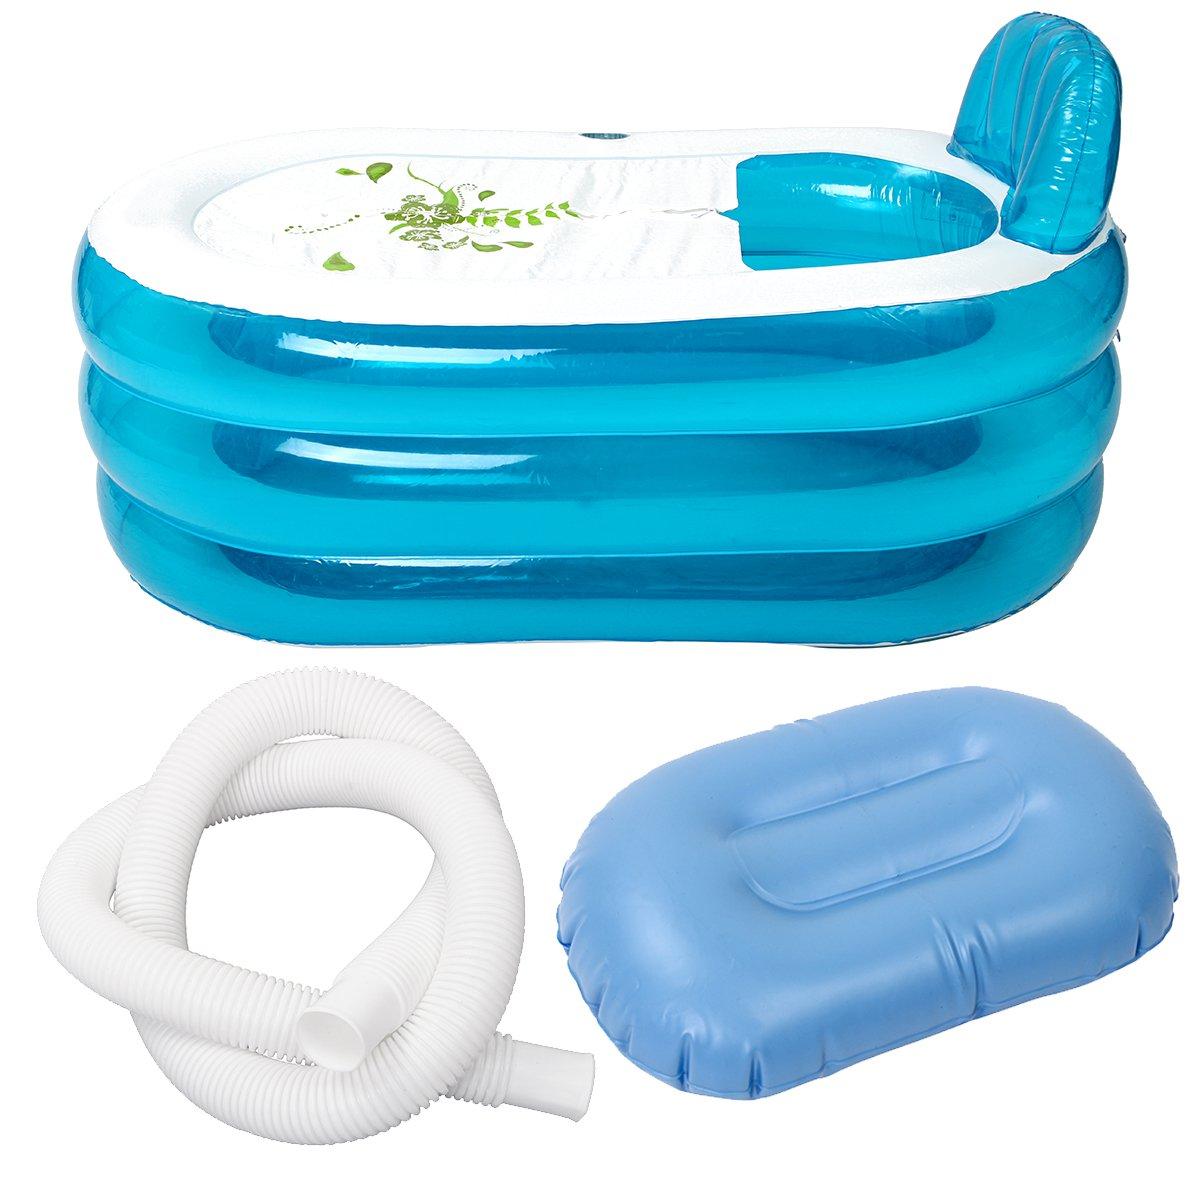 140*75*70 cm baignoire gonflable maison Portable PVC baignoire Camping voyage adultes pliant SPA bain avec coussin tuyau outils ensemble